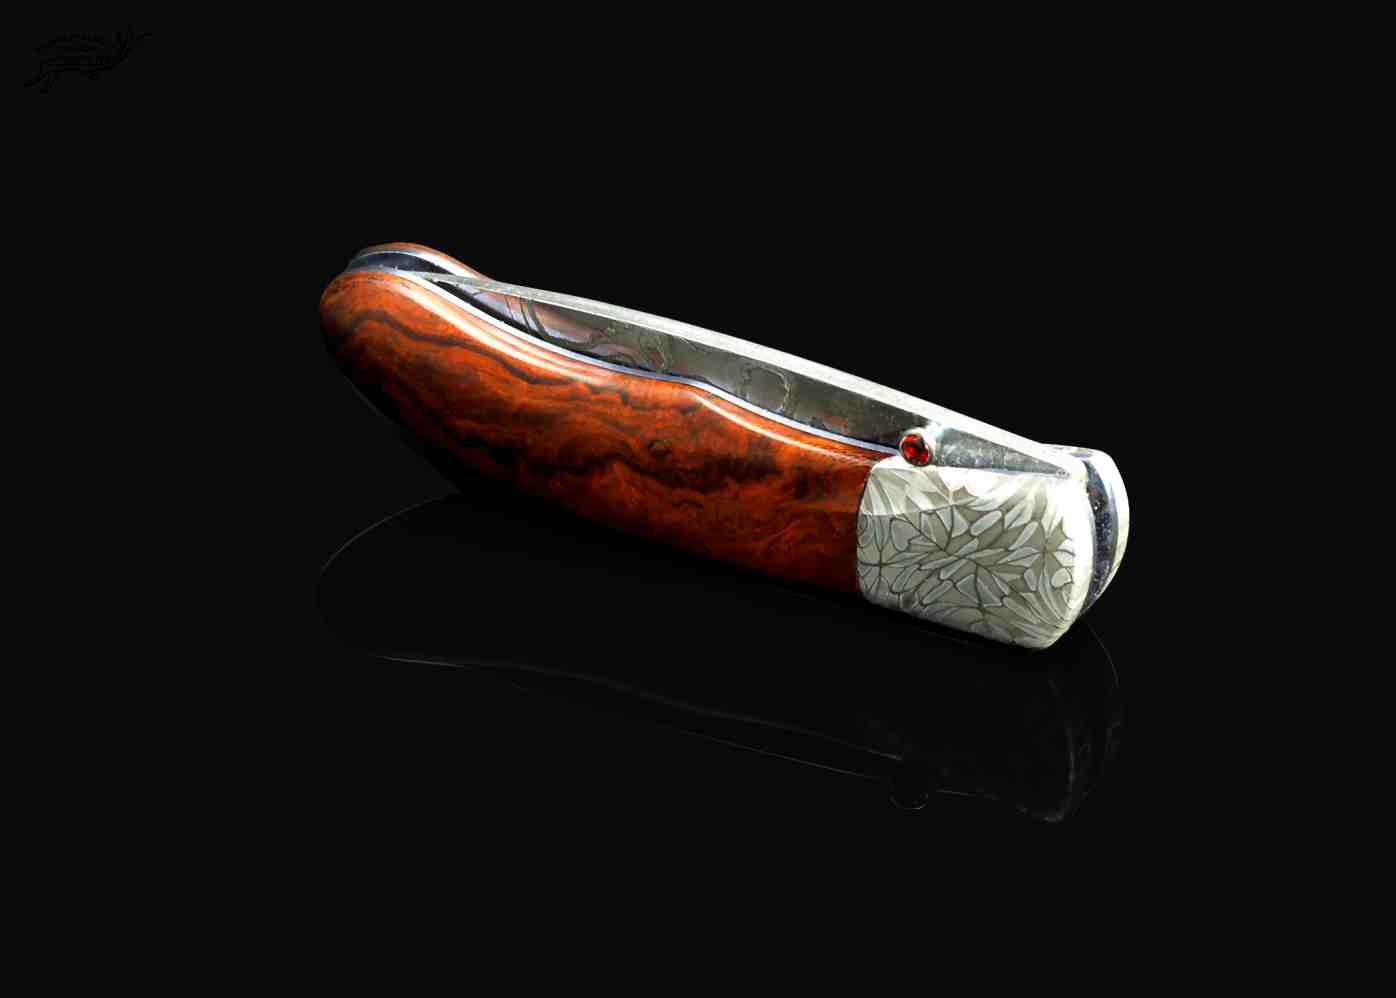 Desert Ironwood Handled Damascus folding knife side view closed